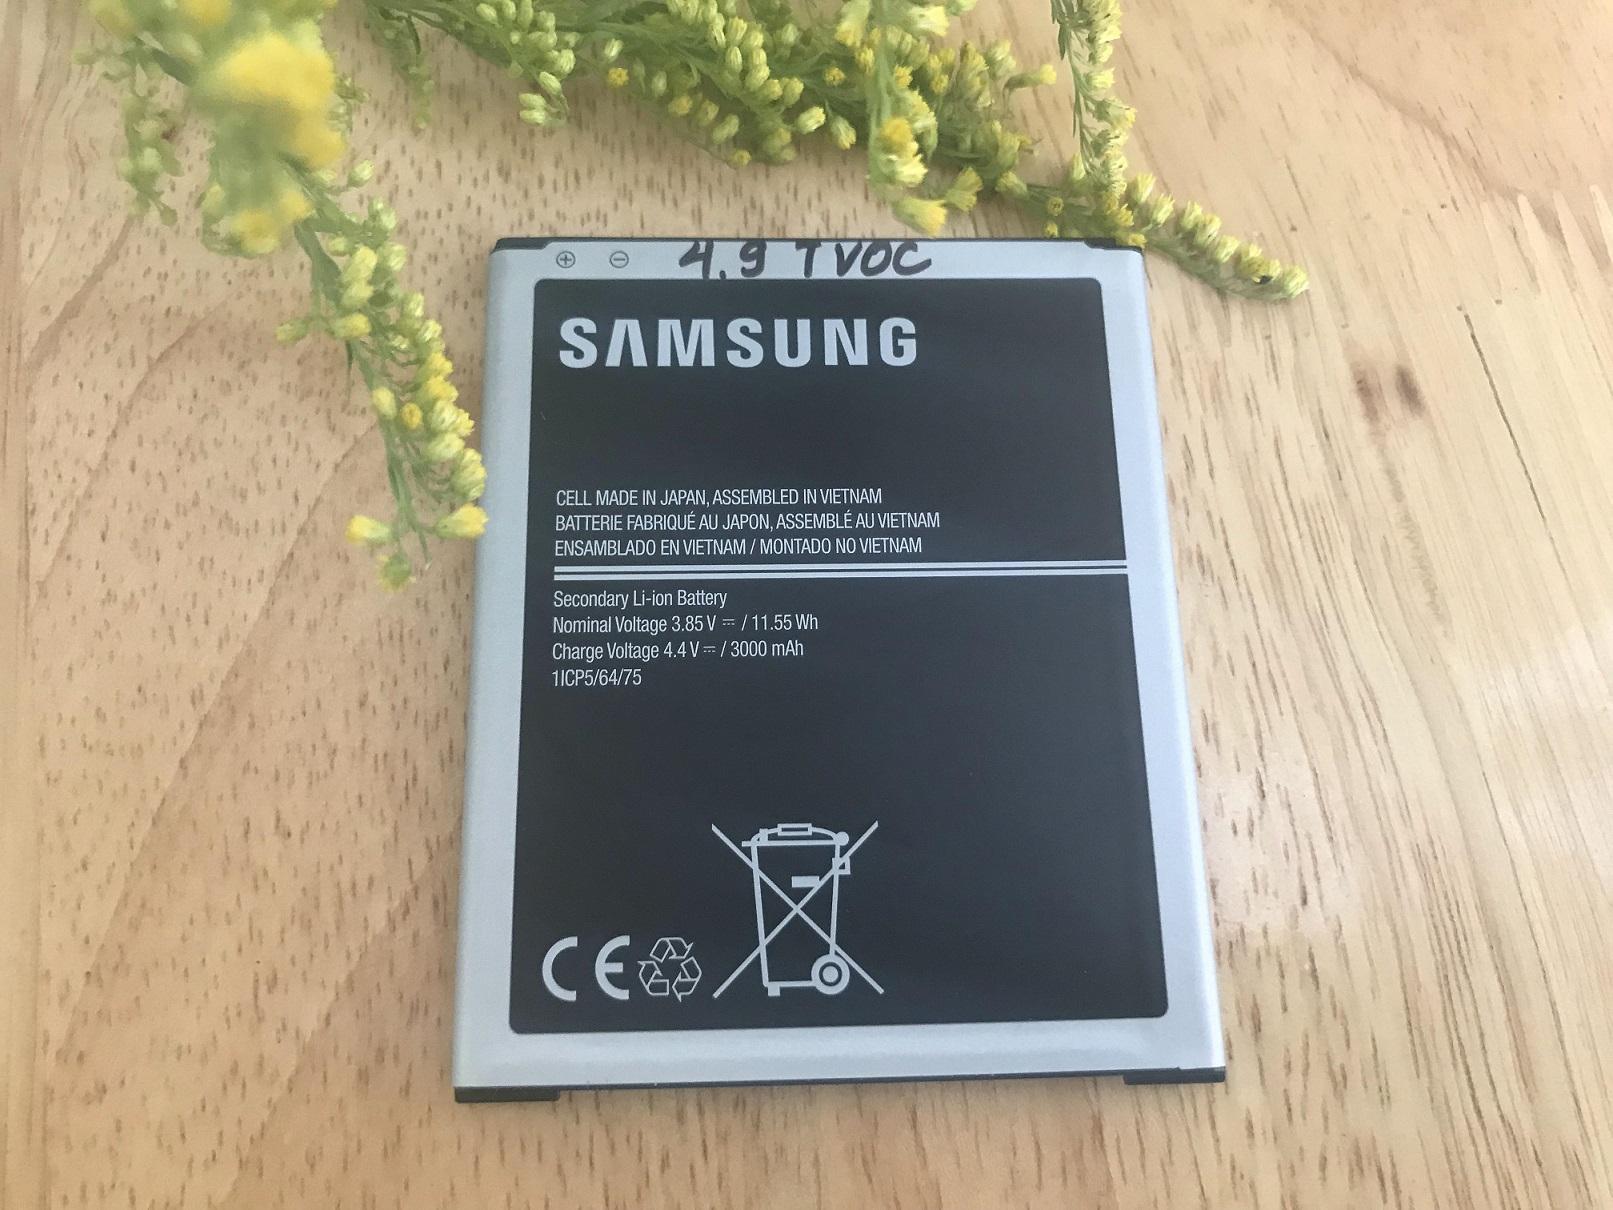 Hình ảnh Pin dành cho Samsung Galaxy J7 2015 (J700) (Tặng Cáp)